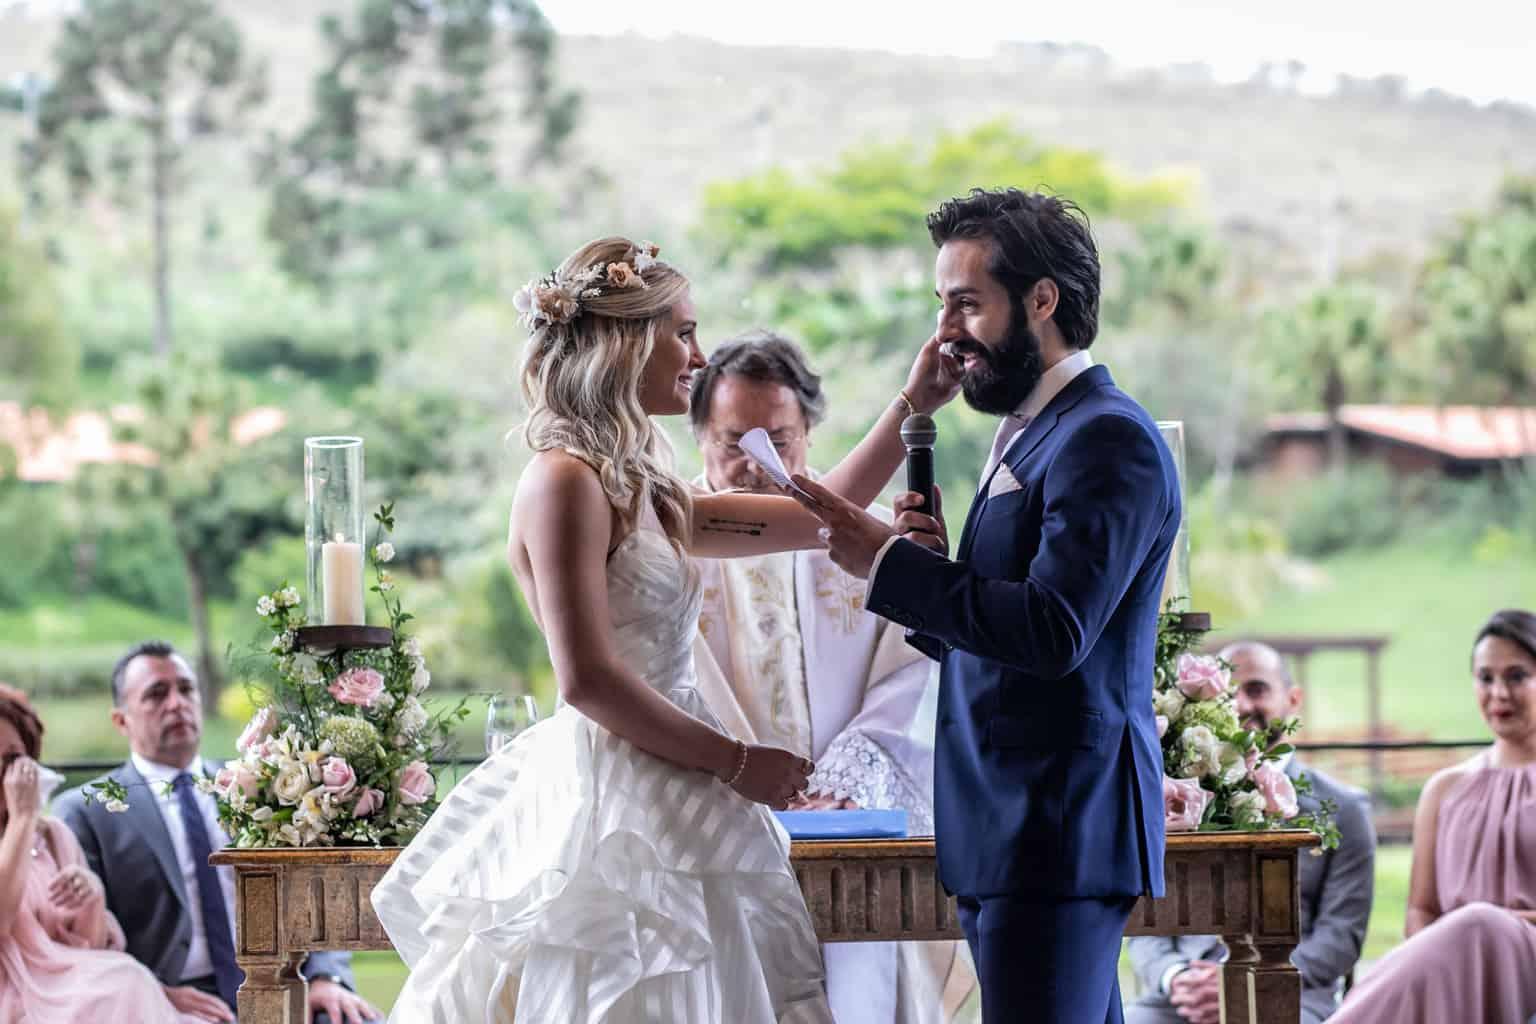 Casamento-Milene-e-Leonardo-cerimonia-ao-ar-livre-decoracao-da-festa-Roberto-Tamer-terras-claras184